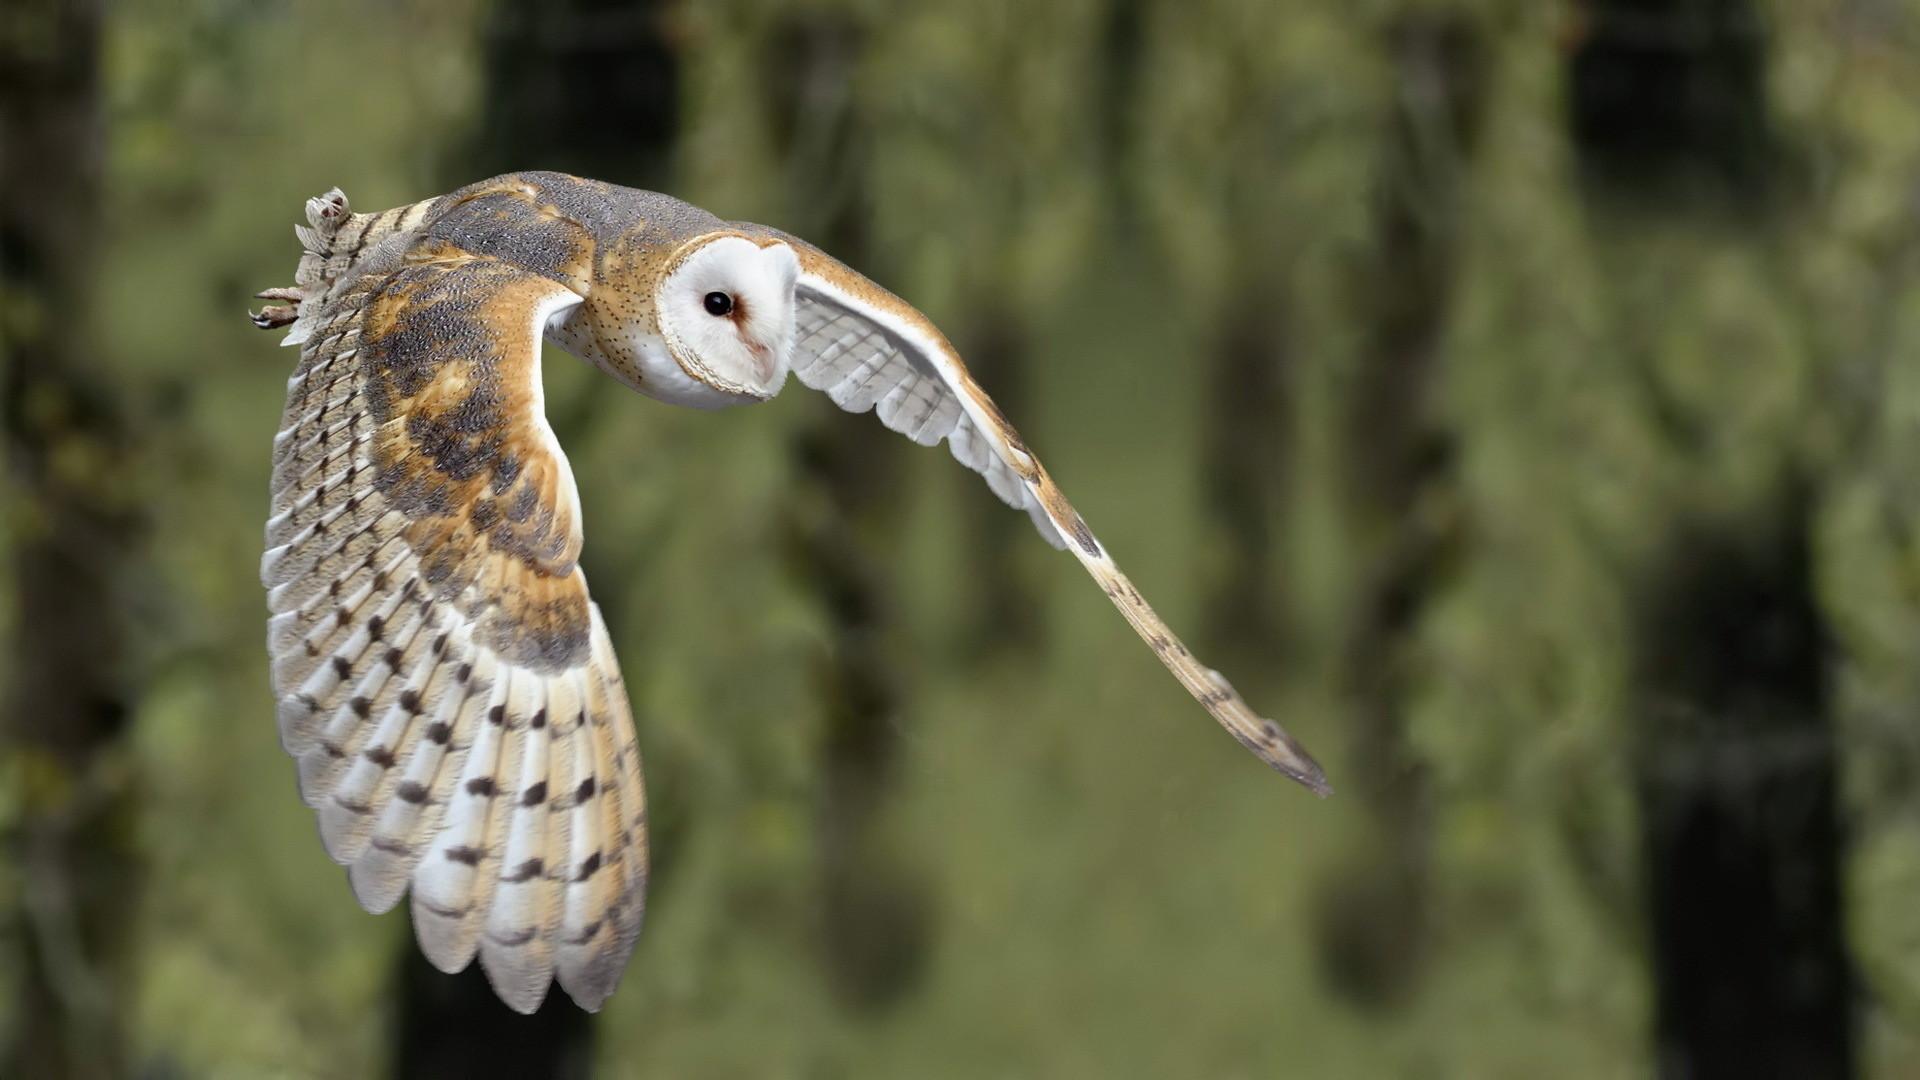 Barn Owl Wallpaper Mobile